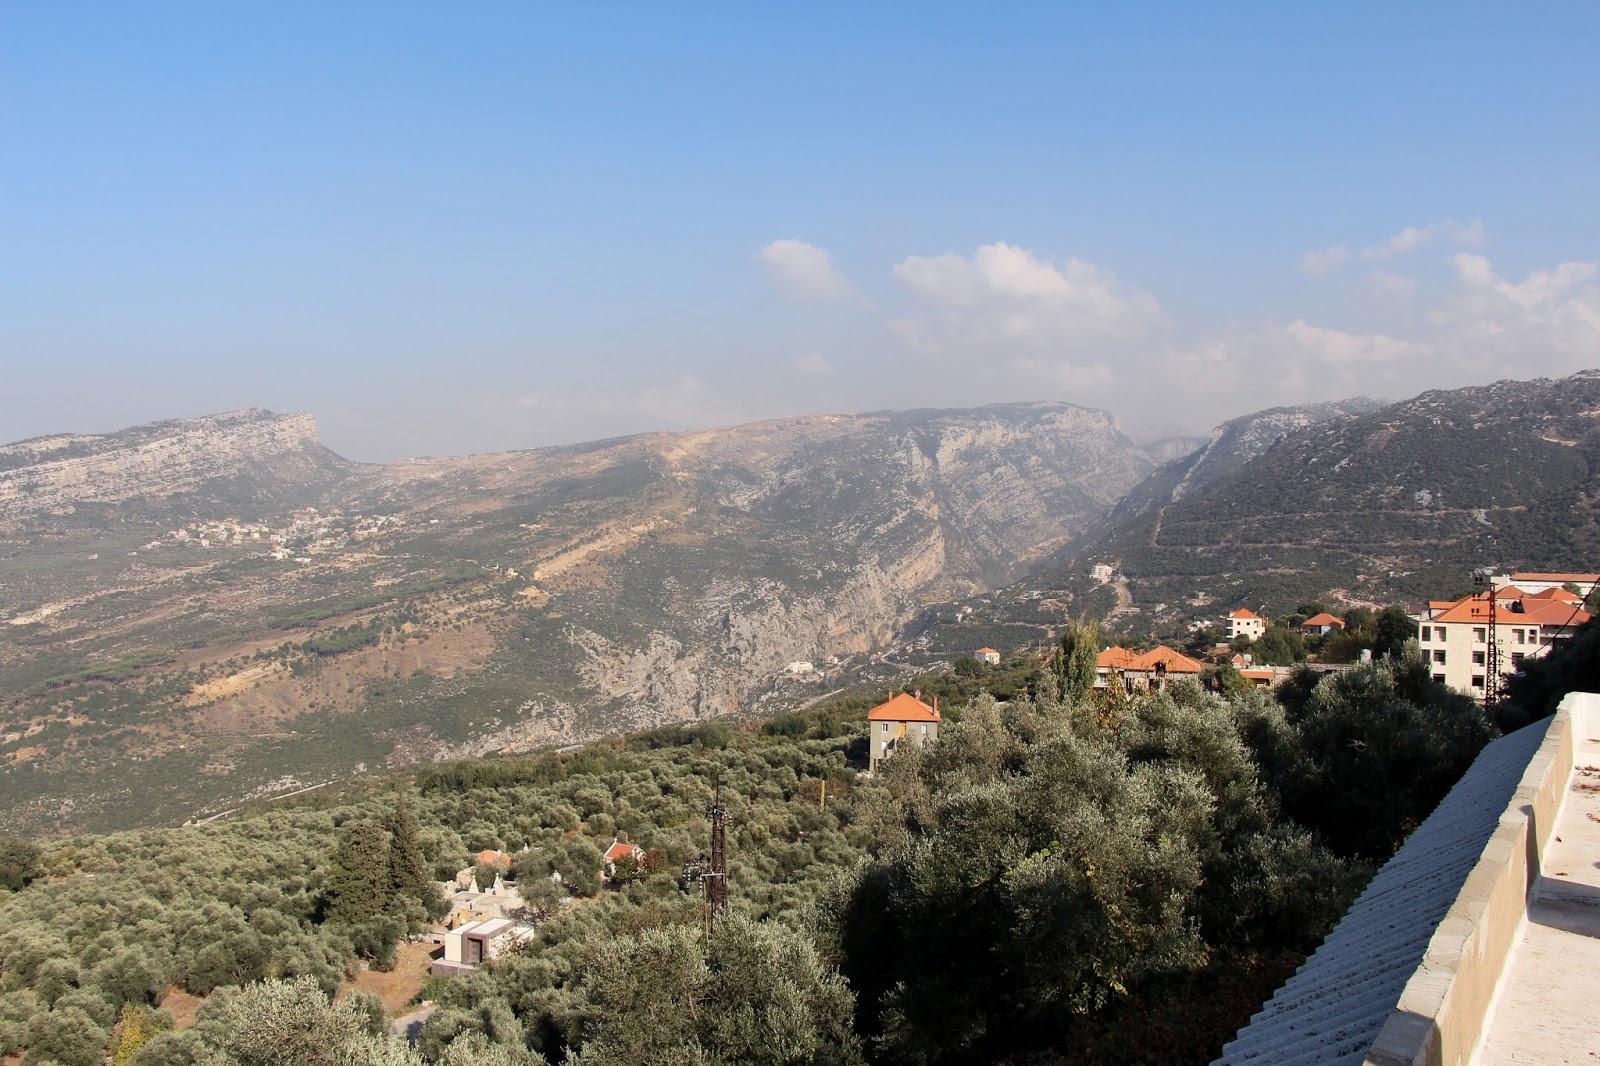 Blick auf die libanesischen Berge